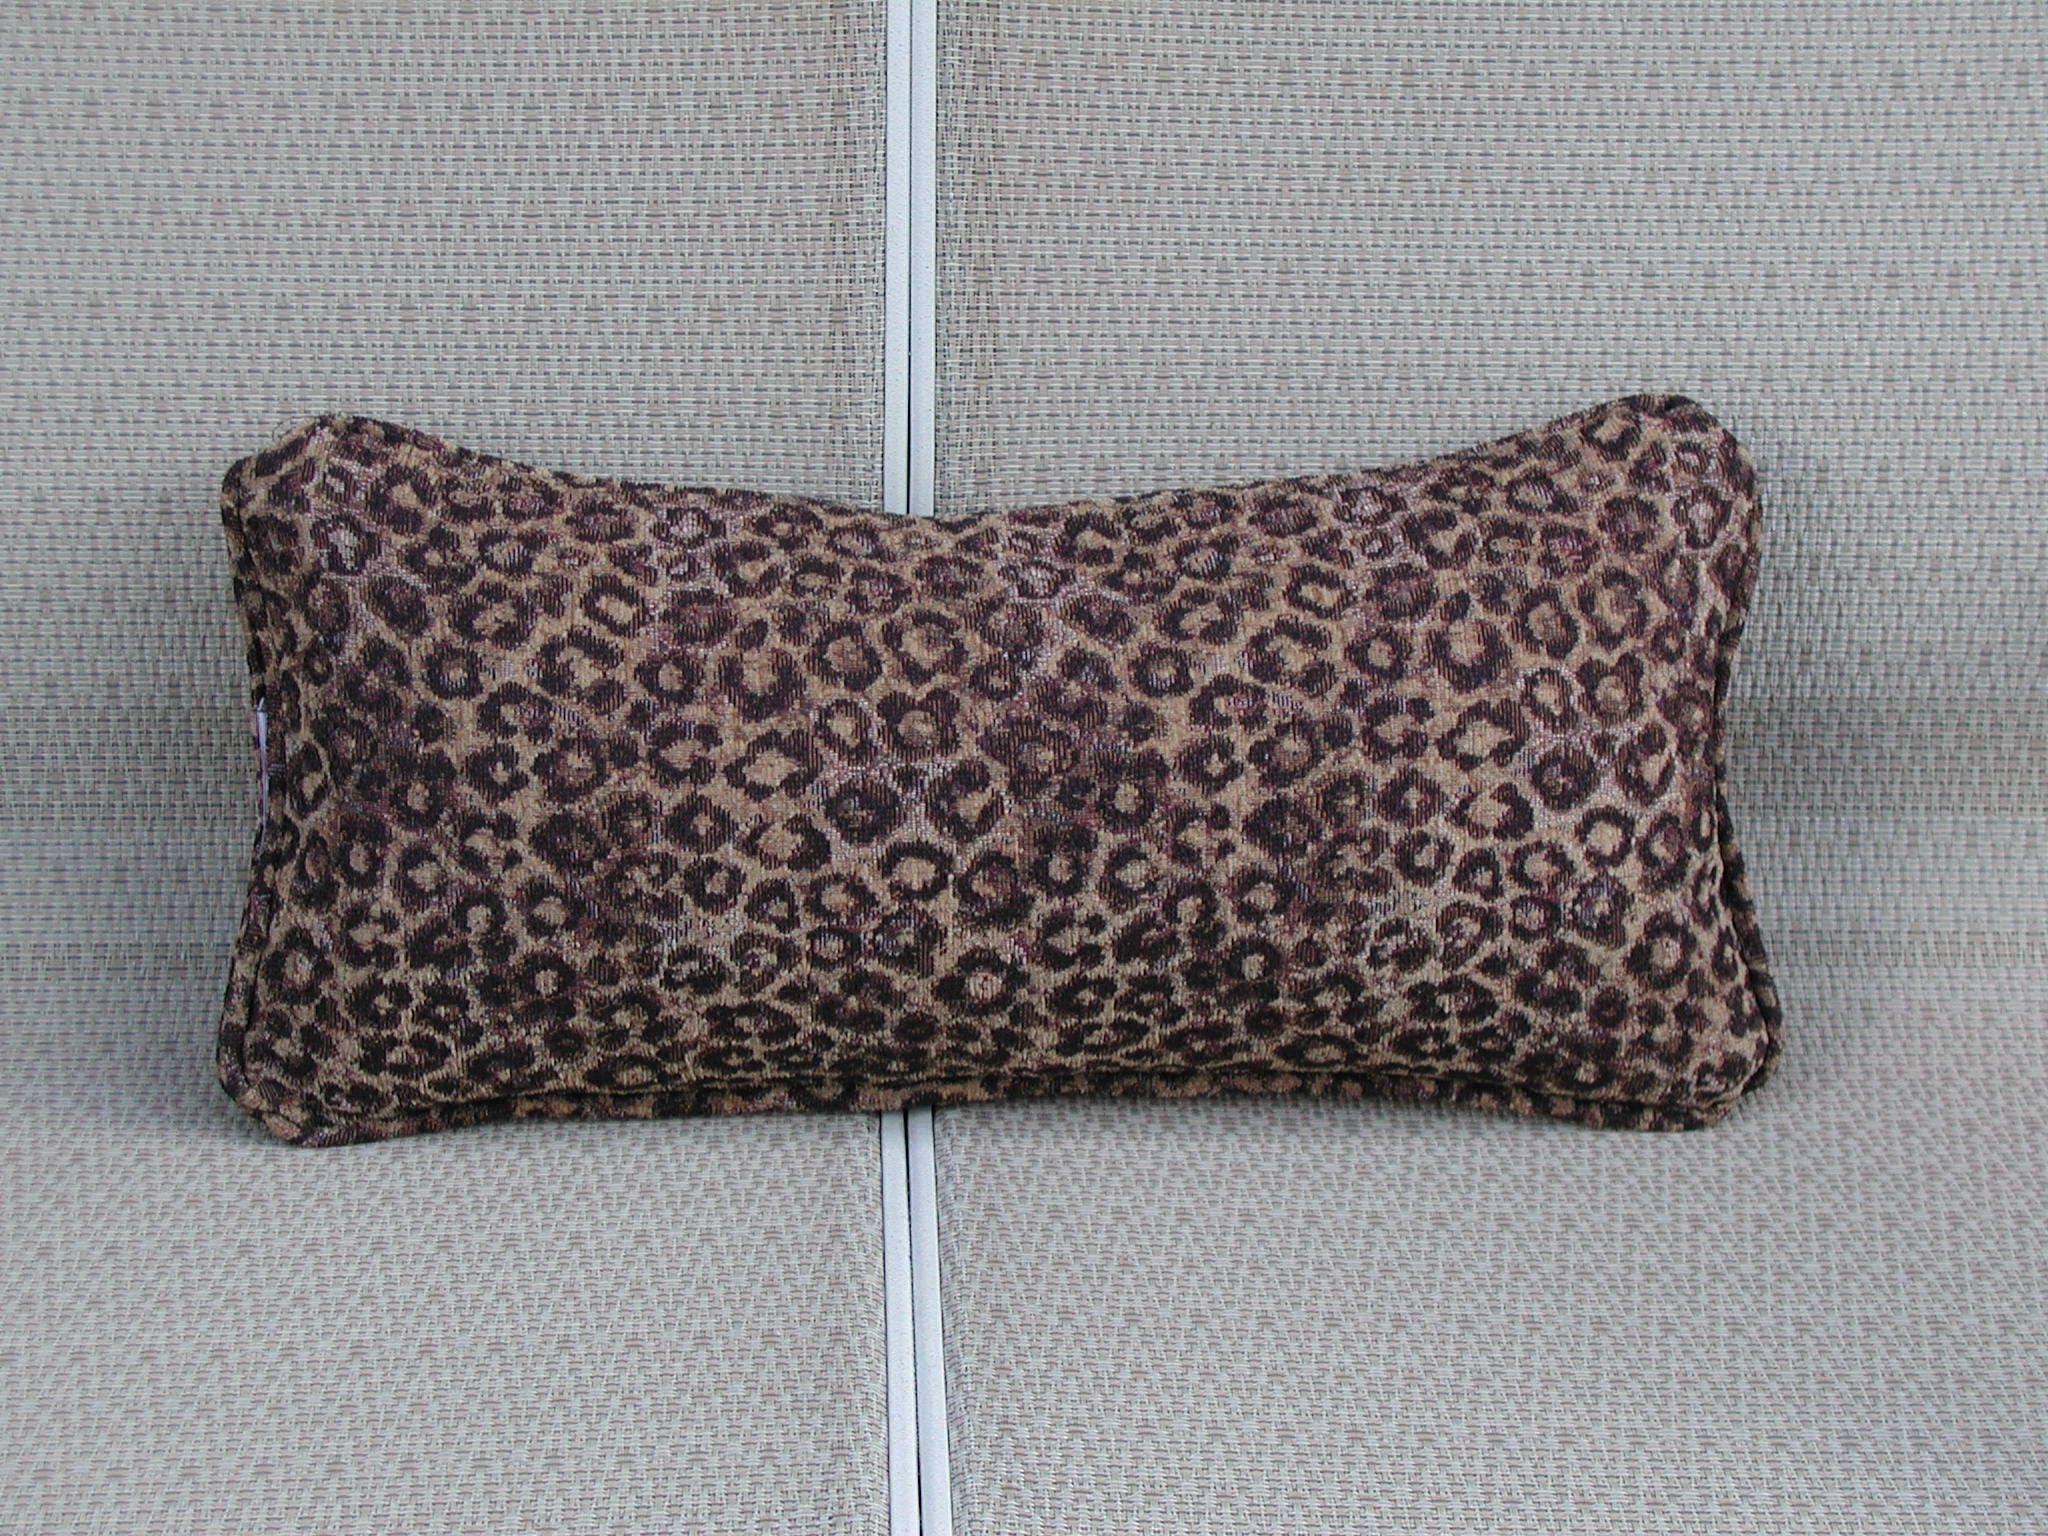 Animal Print Lumbar Pillows : Leopard Lumbar Pillow Animal Print Lumbar Leopard Throw